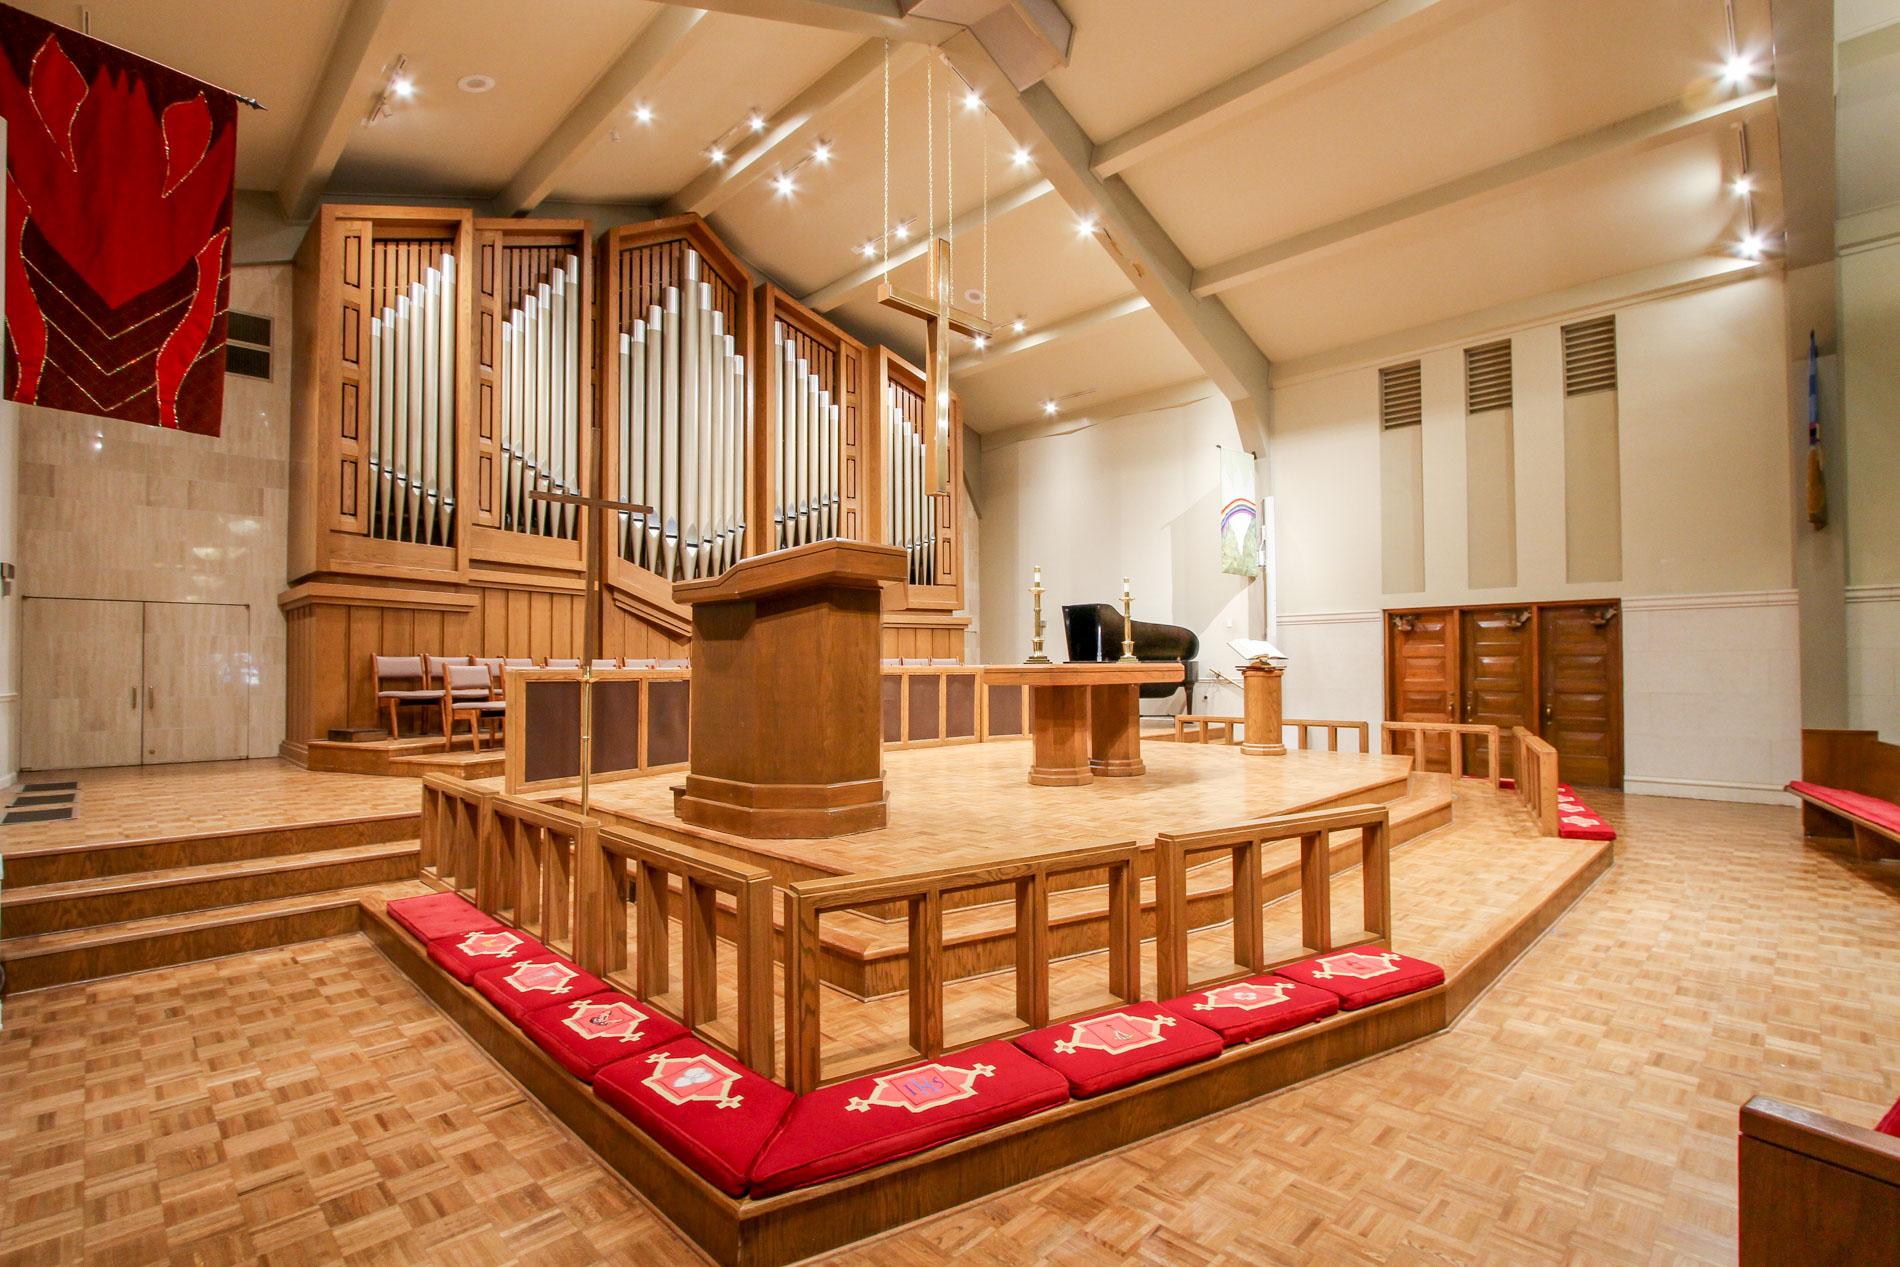 St. John's Sanctuary